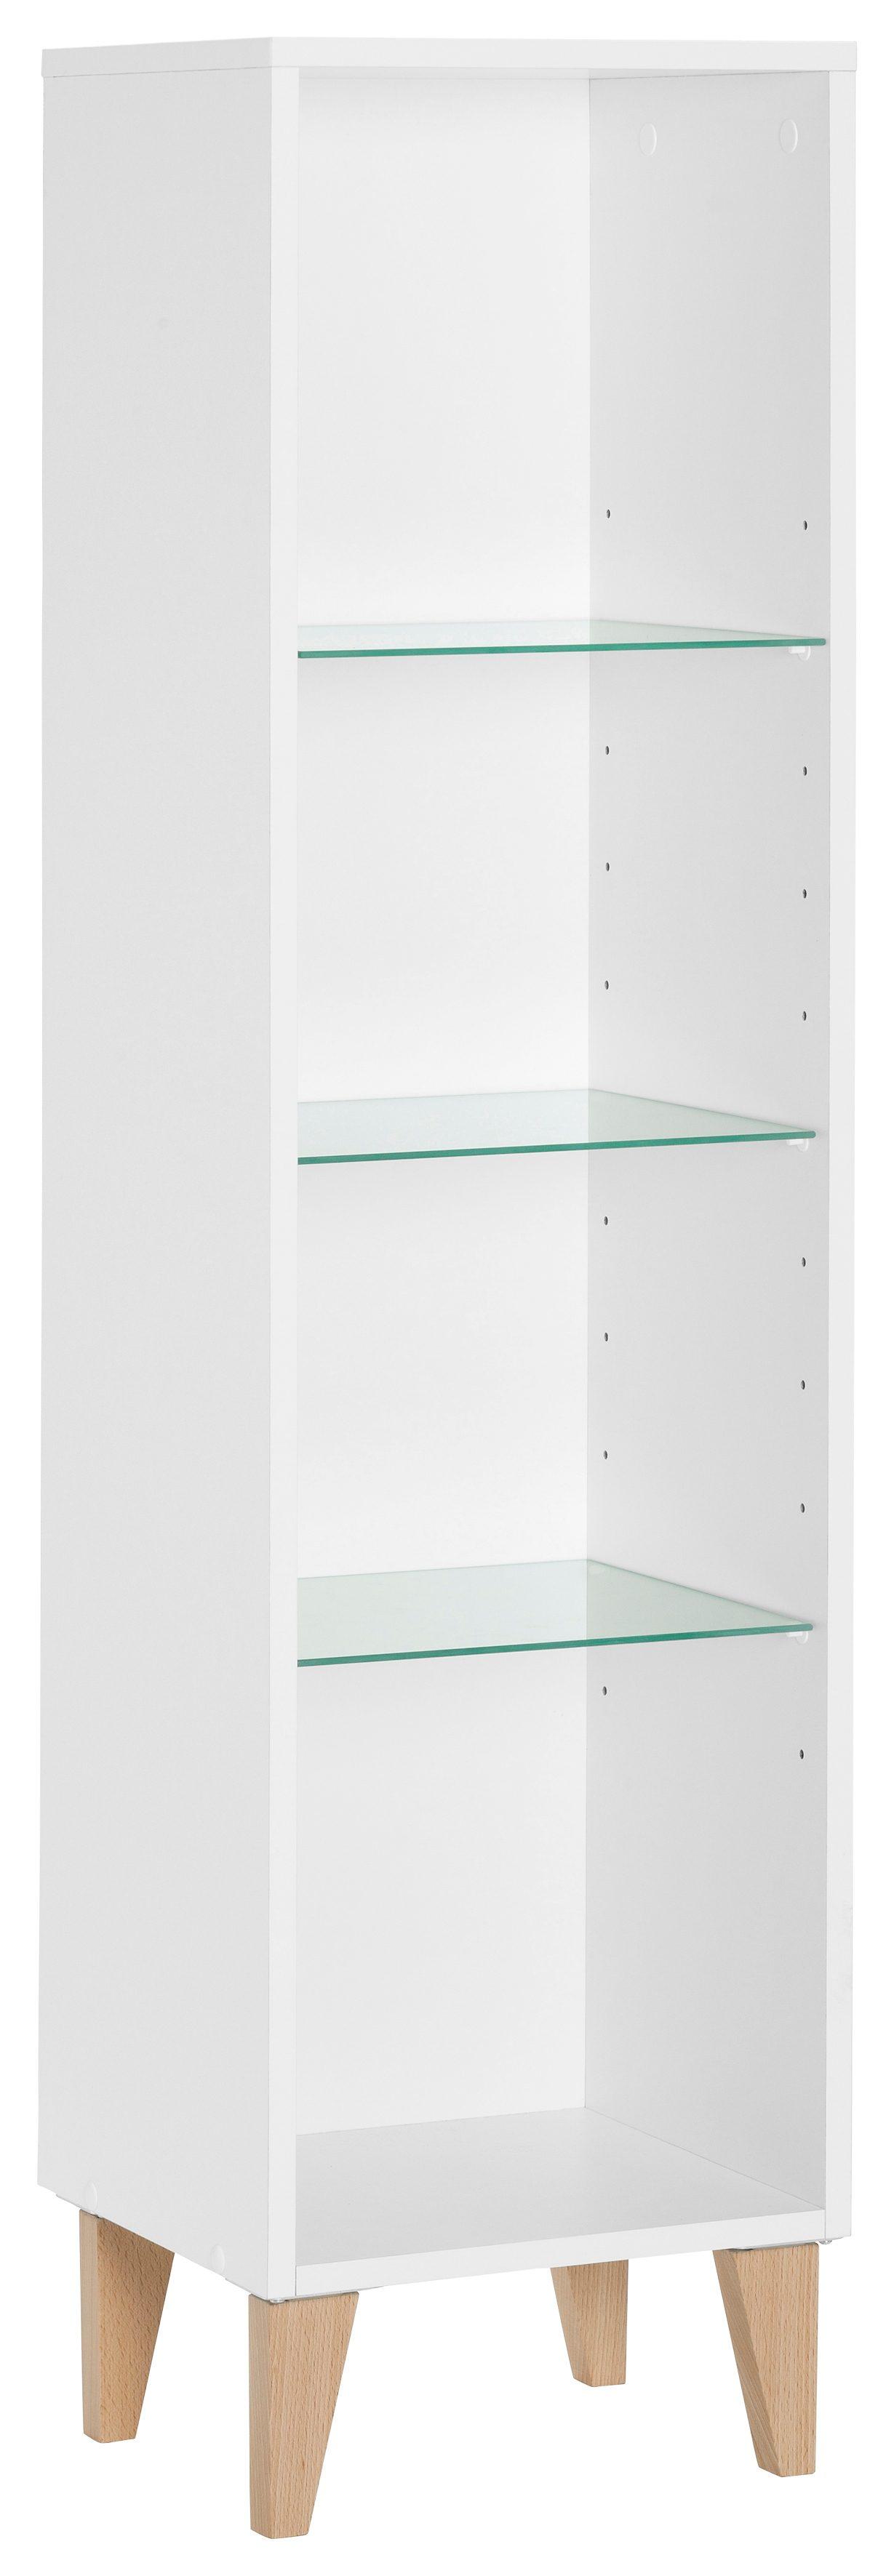 Kesper Regal »Stockholm«, Höhe 127,5 cm